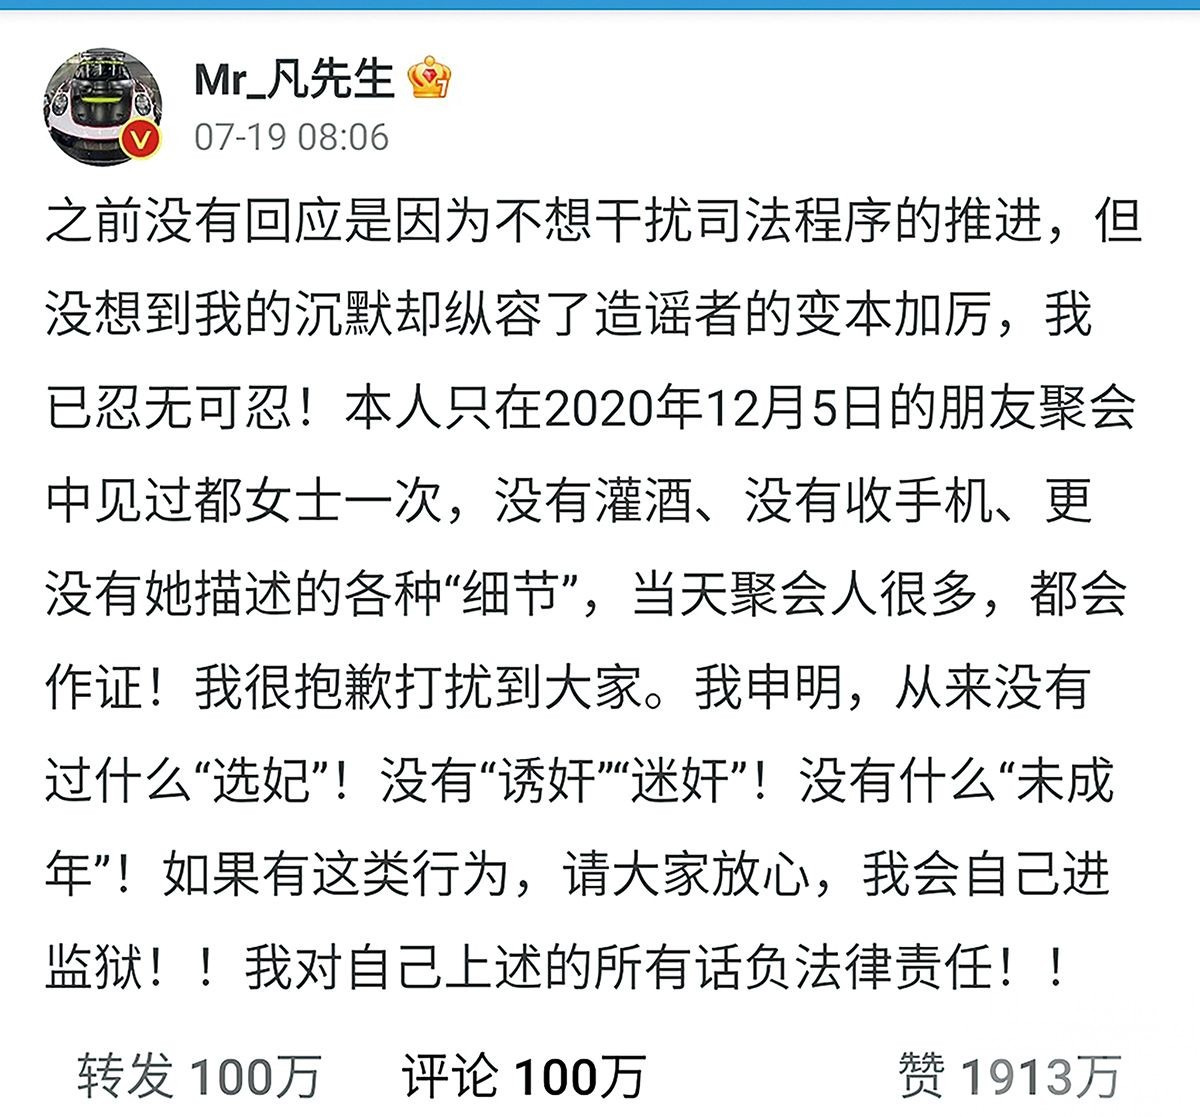 官媒評吳亦凡事件「法不縱惡」